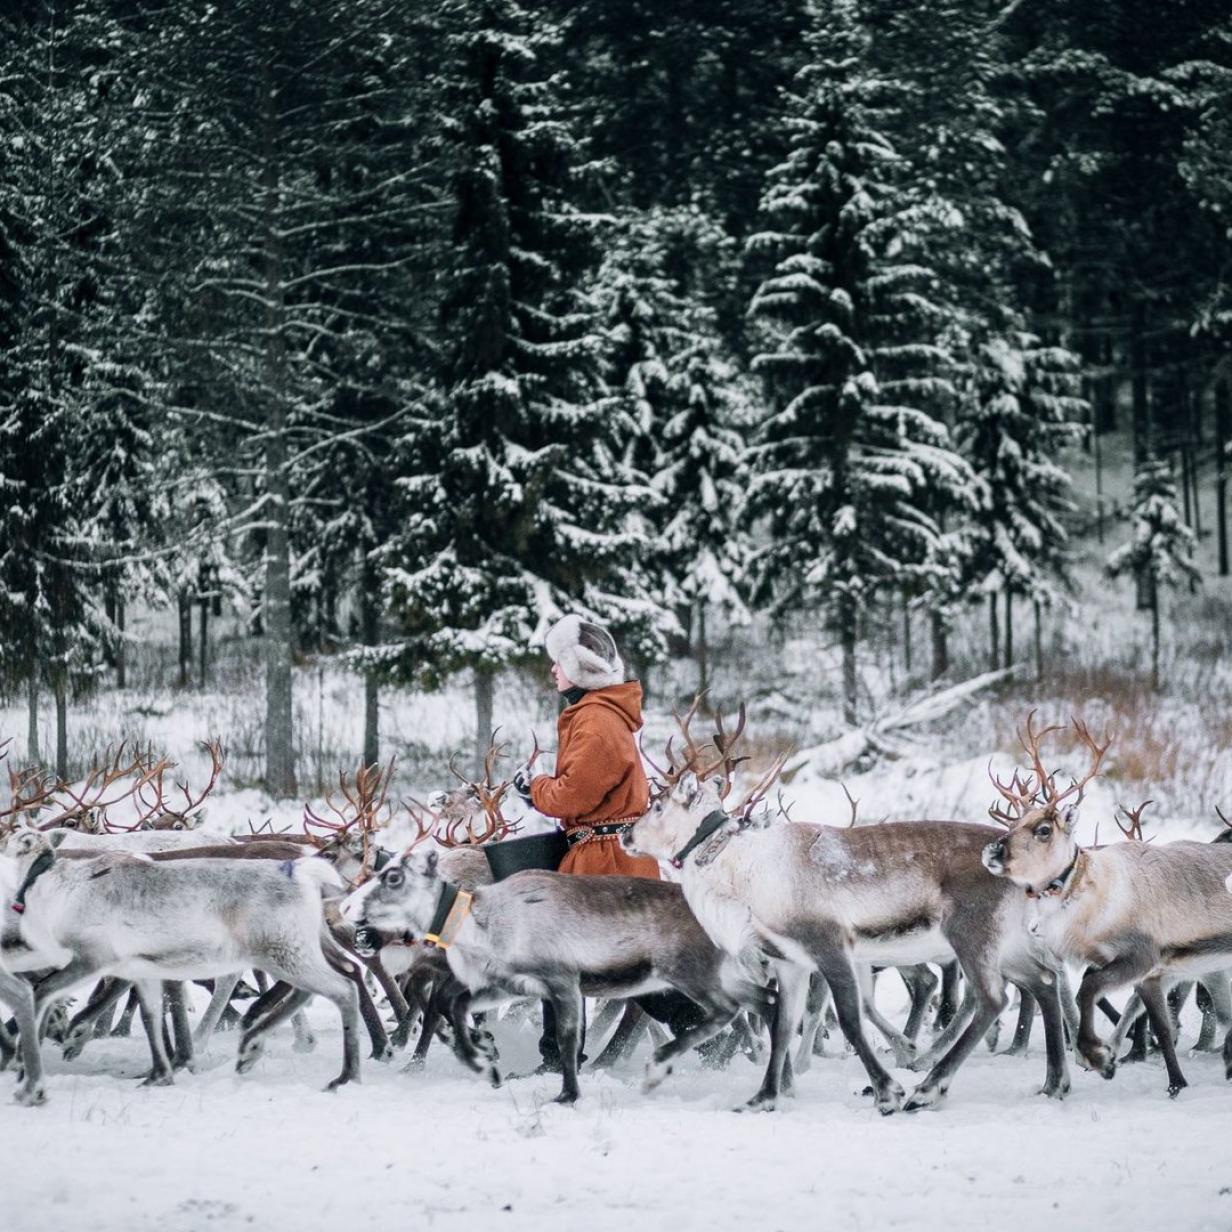 Eisklettern, Ski-doo und Rauchsauna : Winter-Abenteuer in Lappland